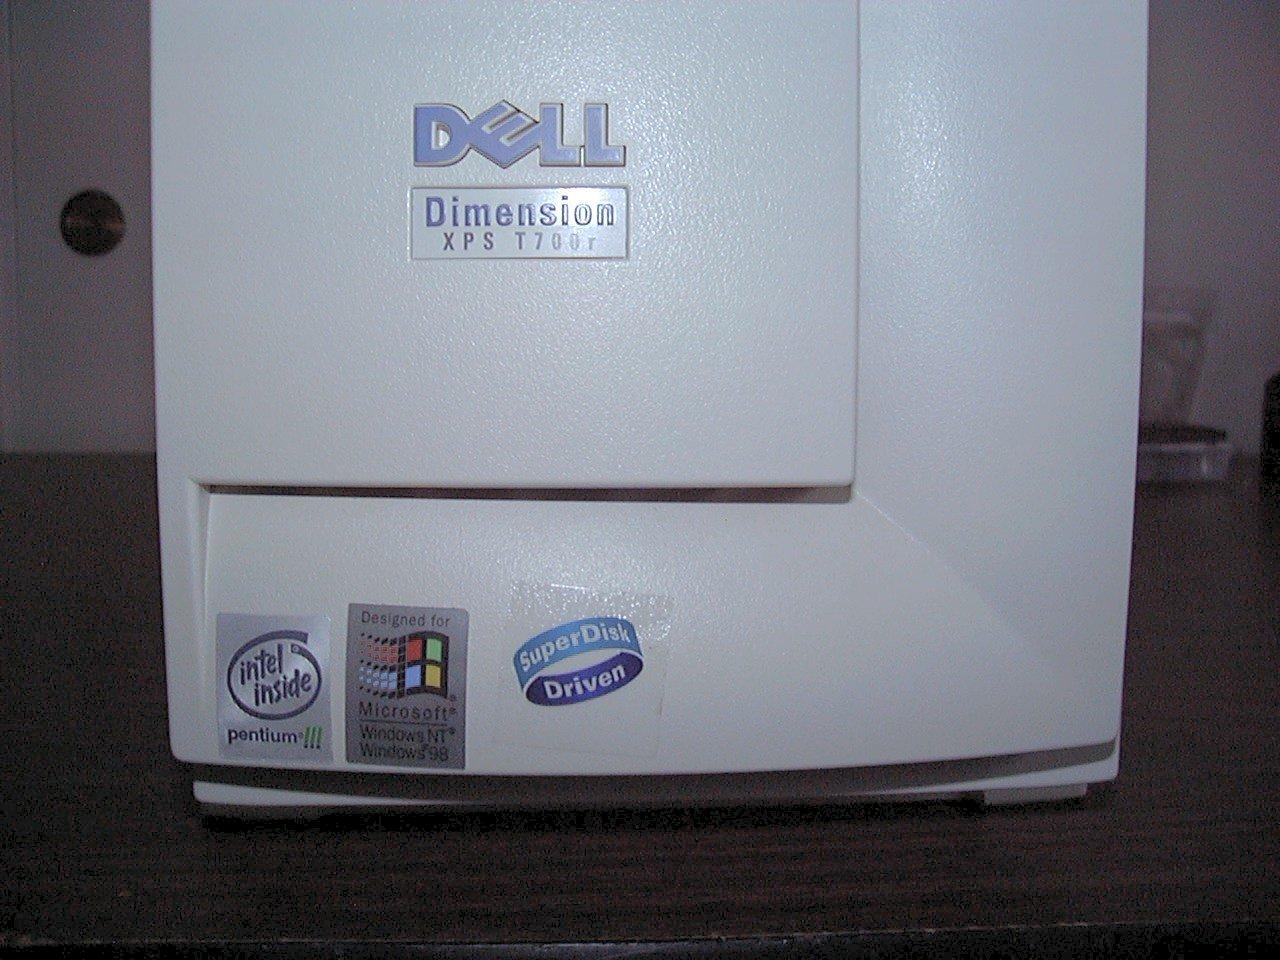 Intel Pentium Inside Sticker Intel Inside--pentium